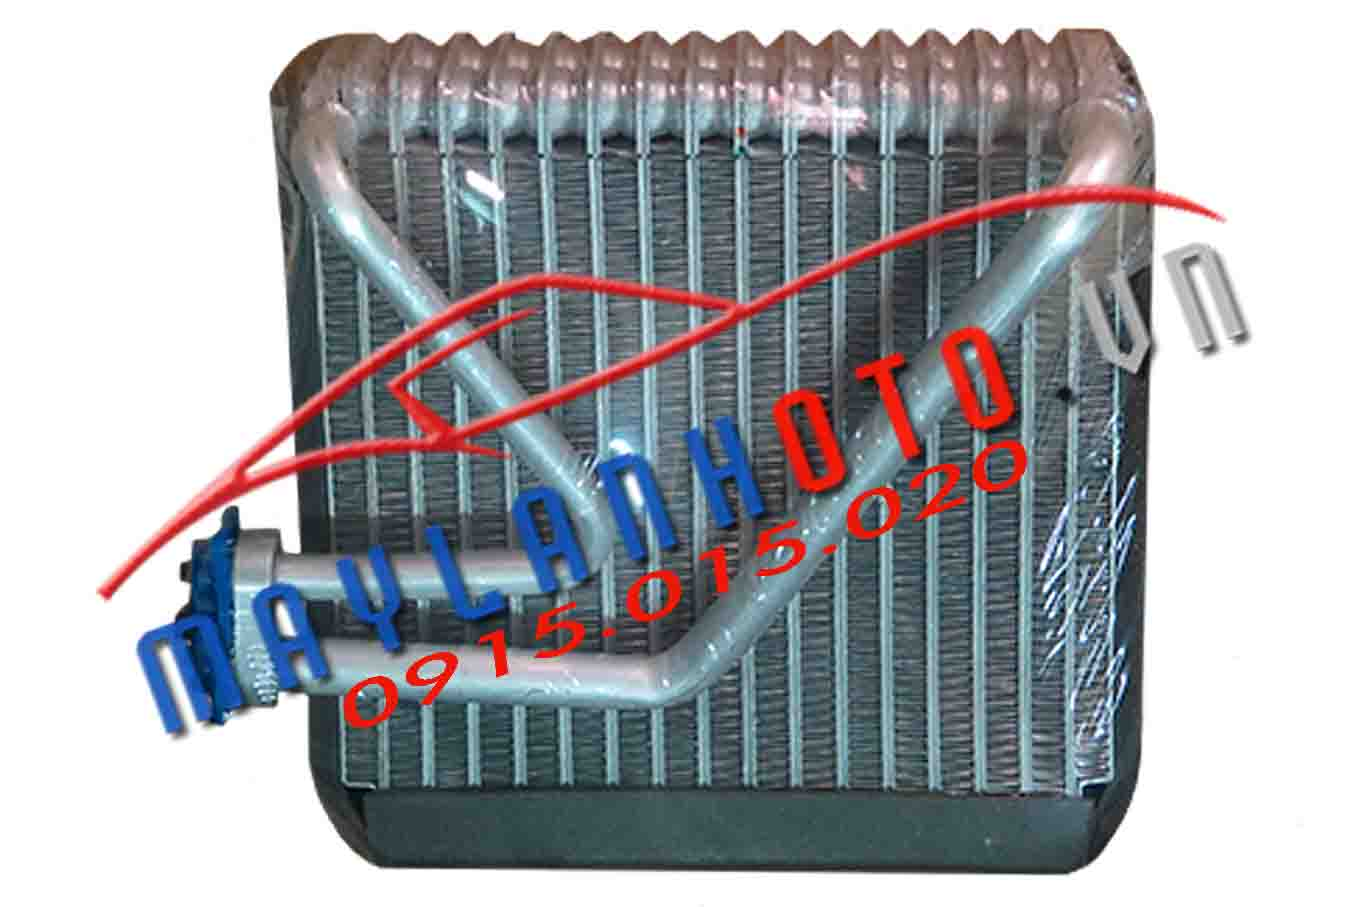 Chevrolet Aveo / Dàn lạnh Chevrolet Aveo / Giàn lạnh Chevrolet Aveo